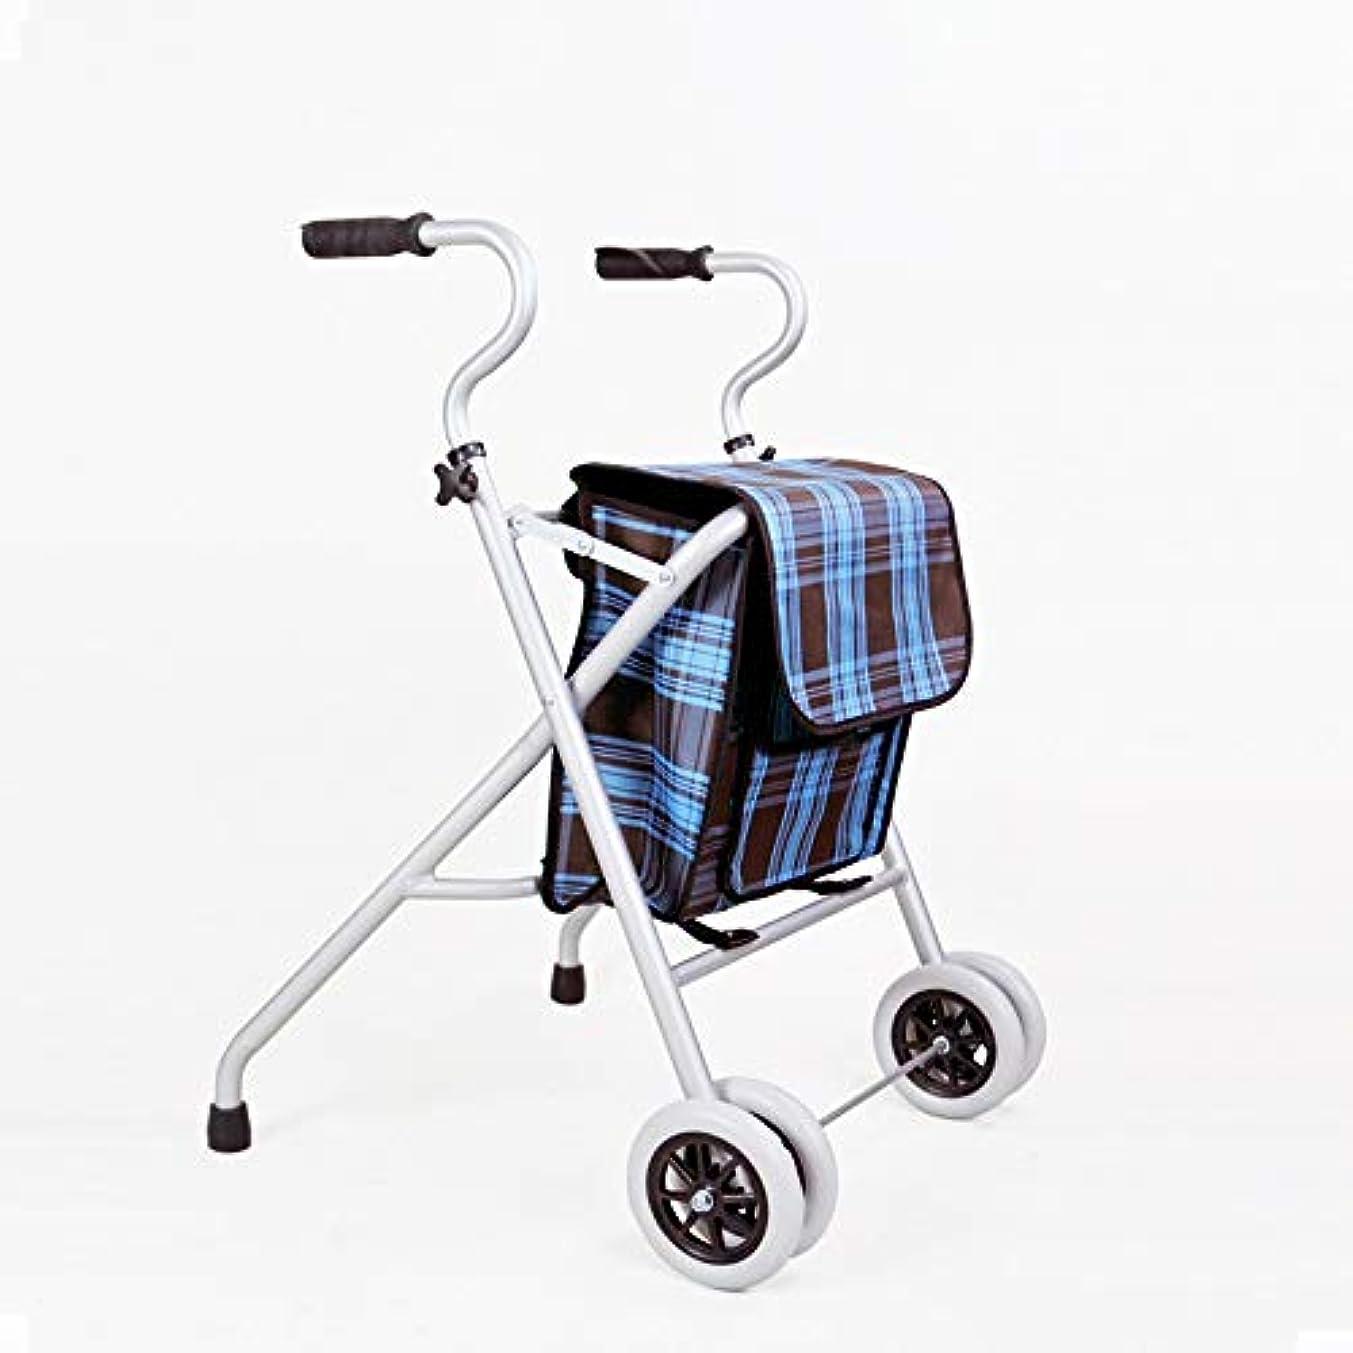 獣ロータリークックキャリーバッグ付き軽量アルミニウム折りたたみ式歩行器、高さ調節可能、移動補助具